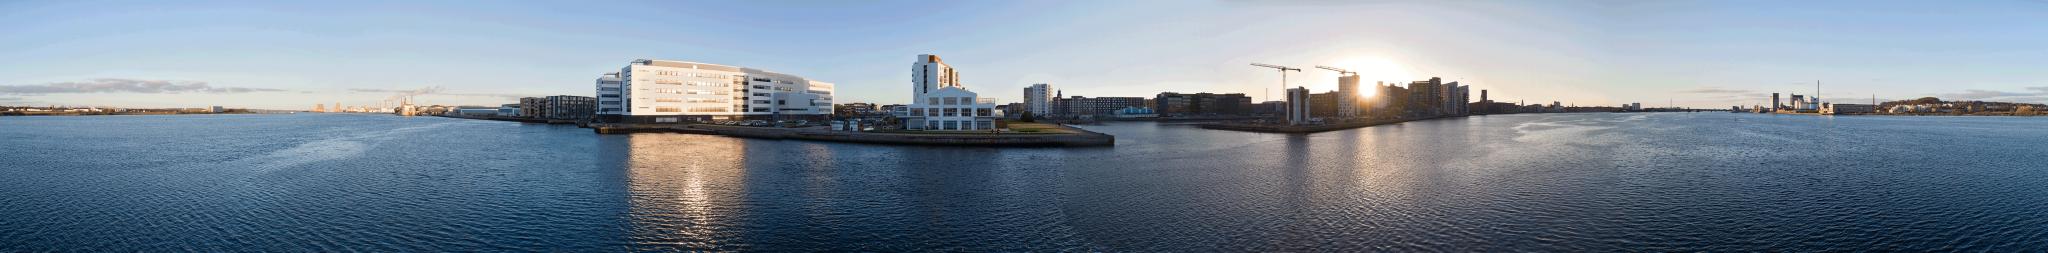 panorama foto af aalborg havnefront ved Beddingen. Af fotograf Jan Høst-Aaris / Sipureco PR og kommunikation i Nordjylland